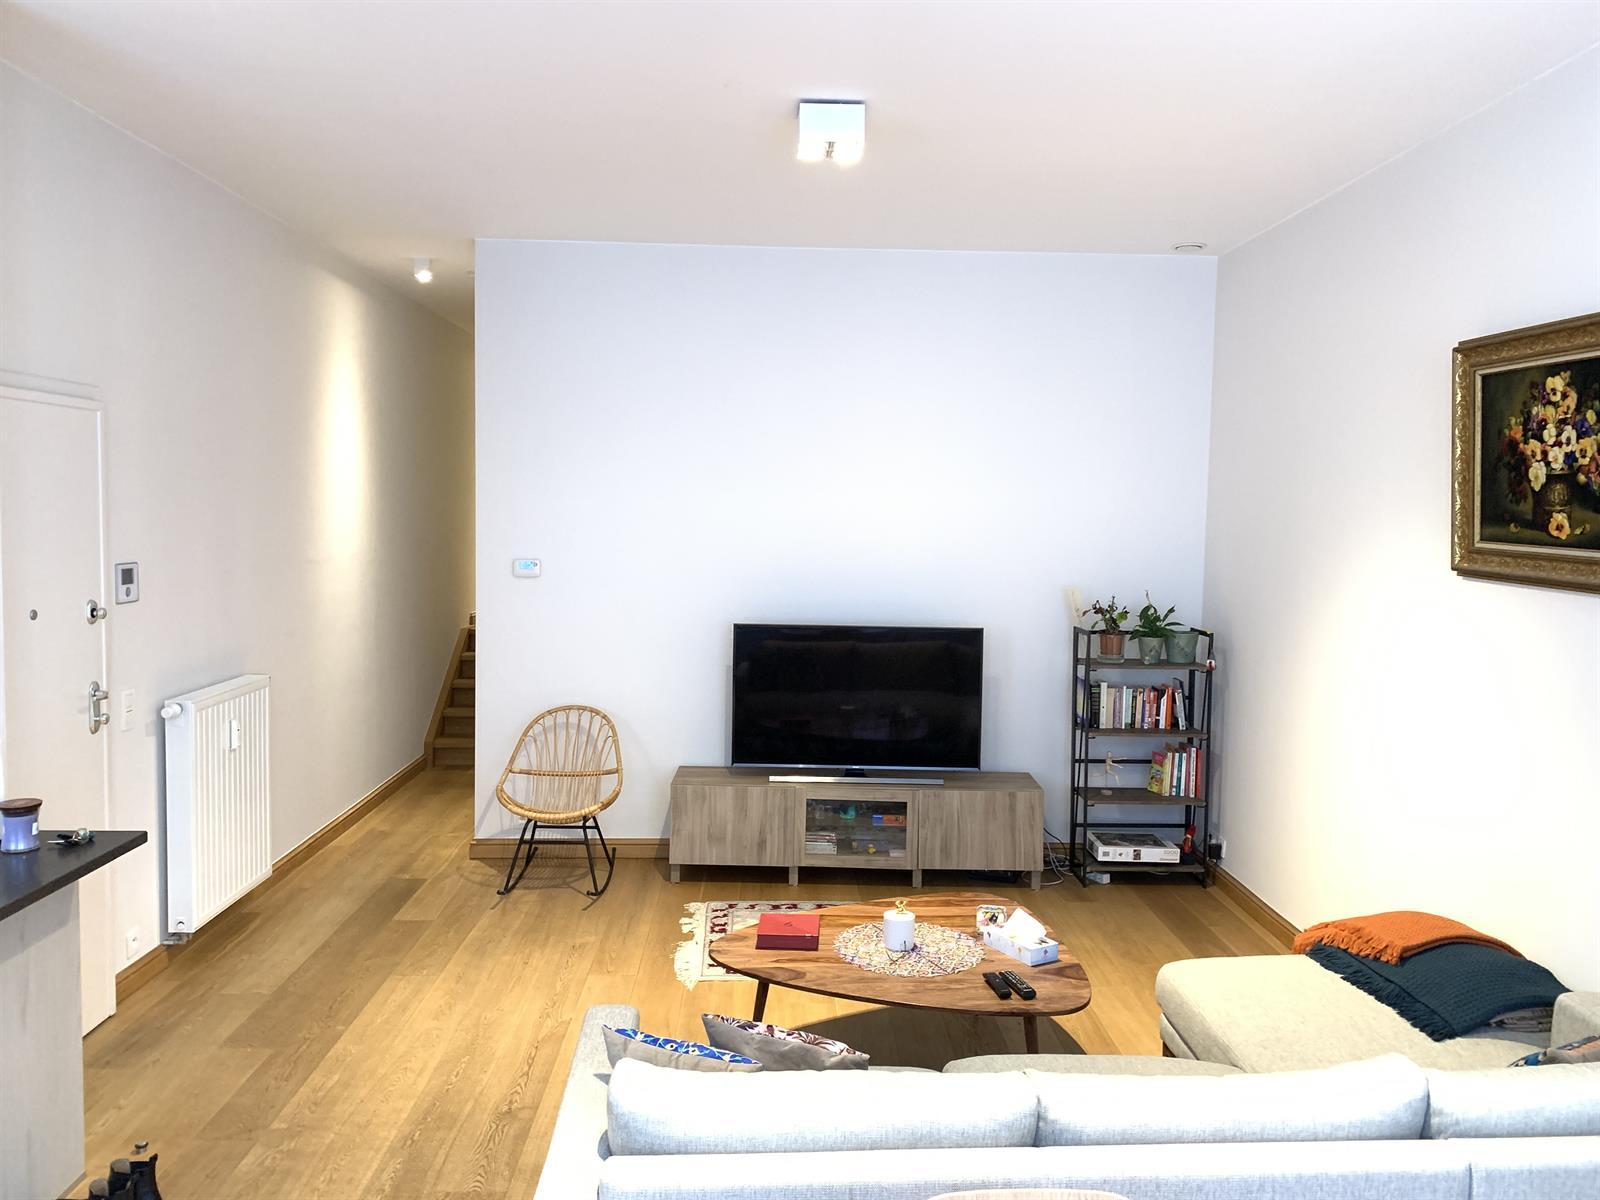 Appartement exceptionnel - Bruxelles - #3965237-41